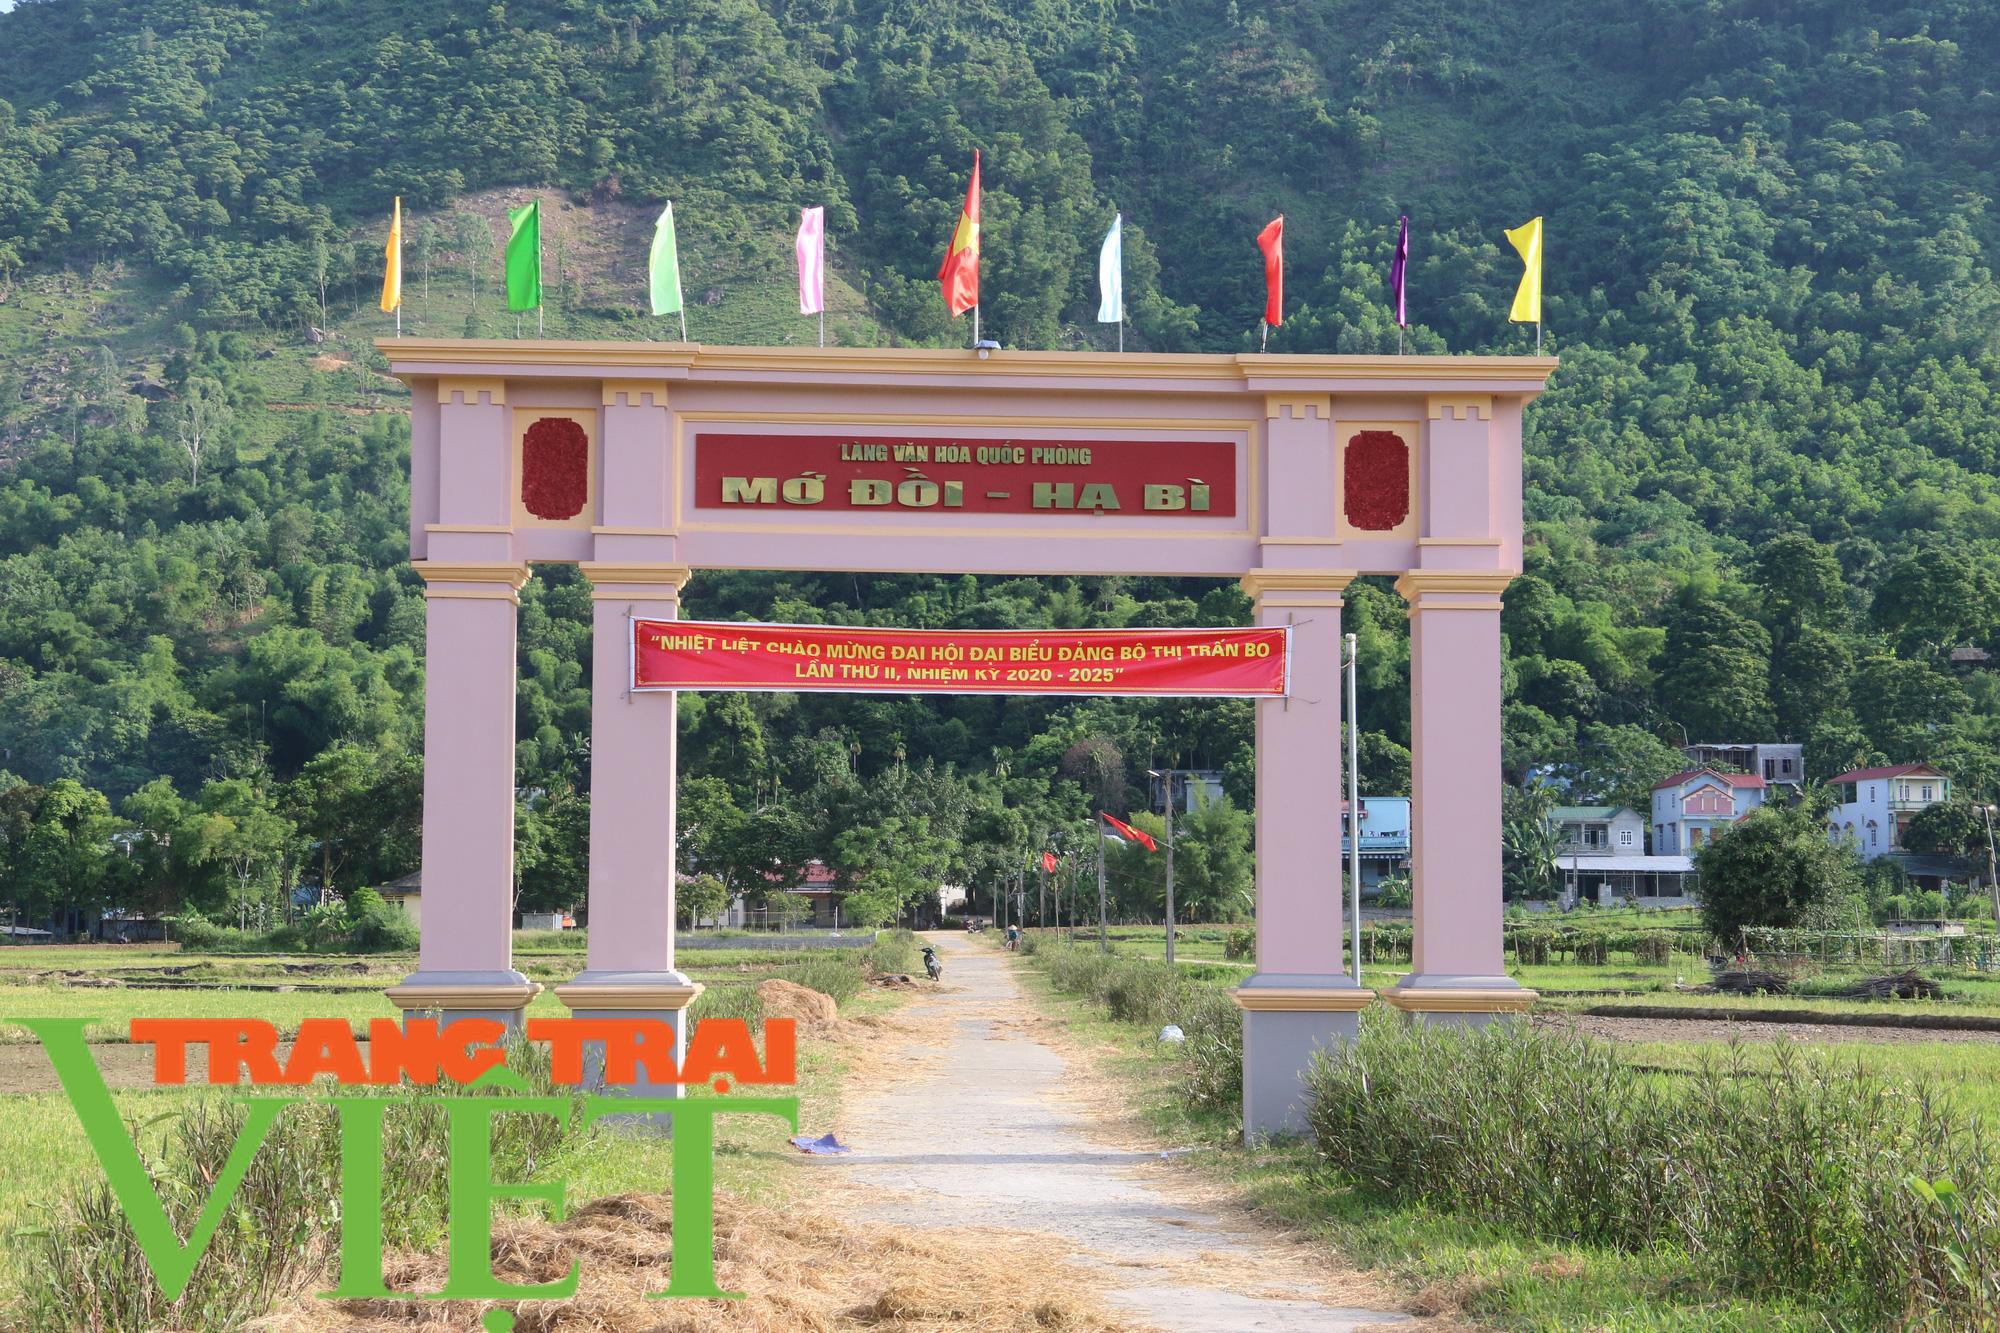 Kim Bôi huy động sức dân xây dựng nông thôn mới - Ảnh 5.